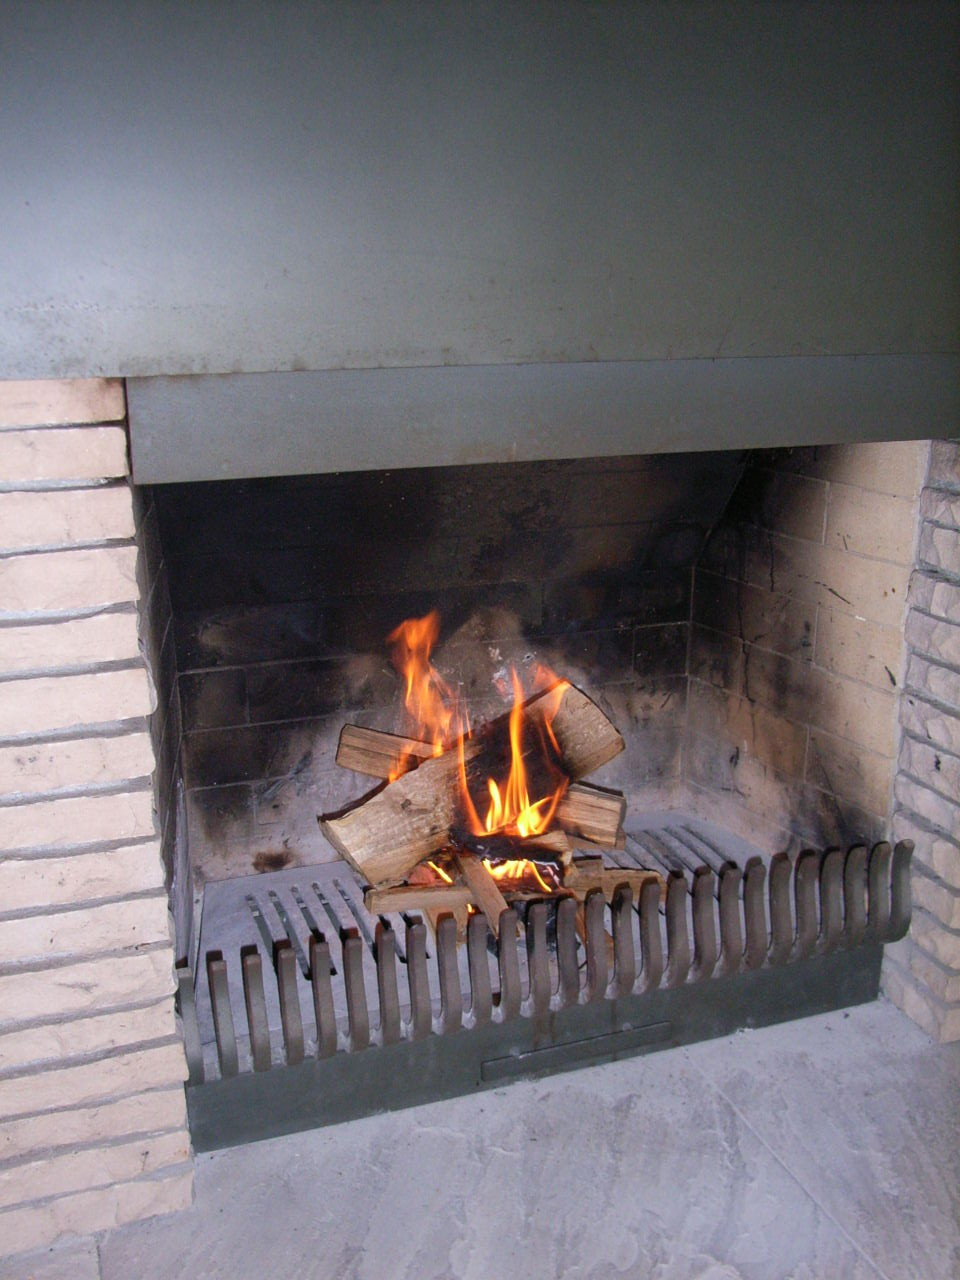 建築家木村俊介のつぶやき  住宅設計 暖炉の話 その3 住宅の暖炉設計とヨットの設計に不可欠なもの の共通点とは?コメント                木村俊介